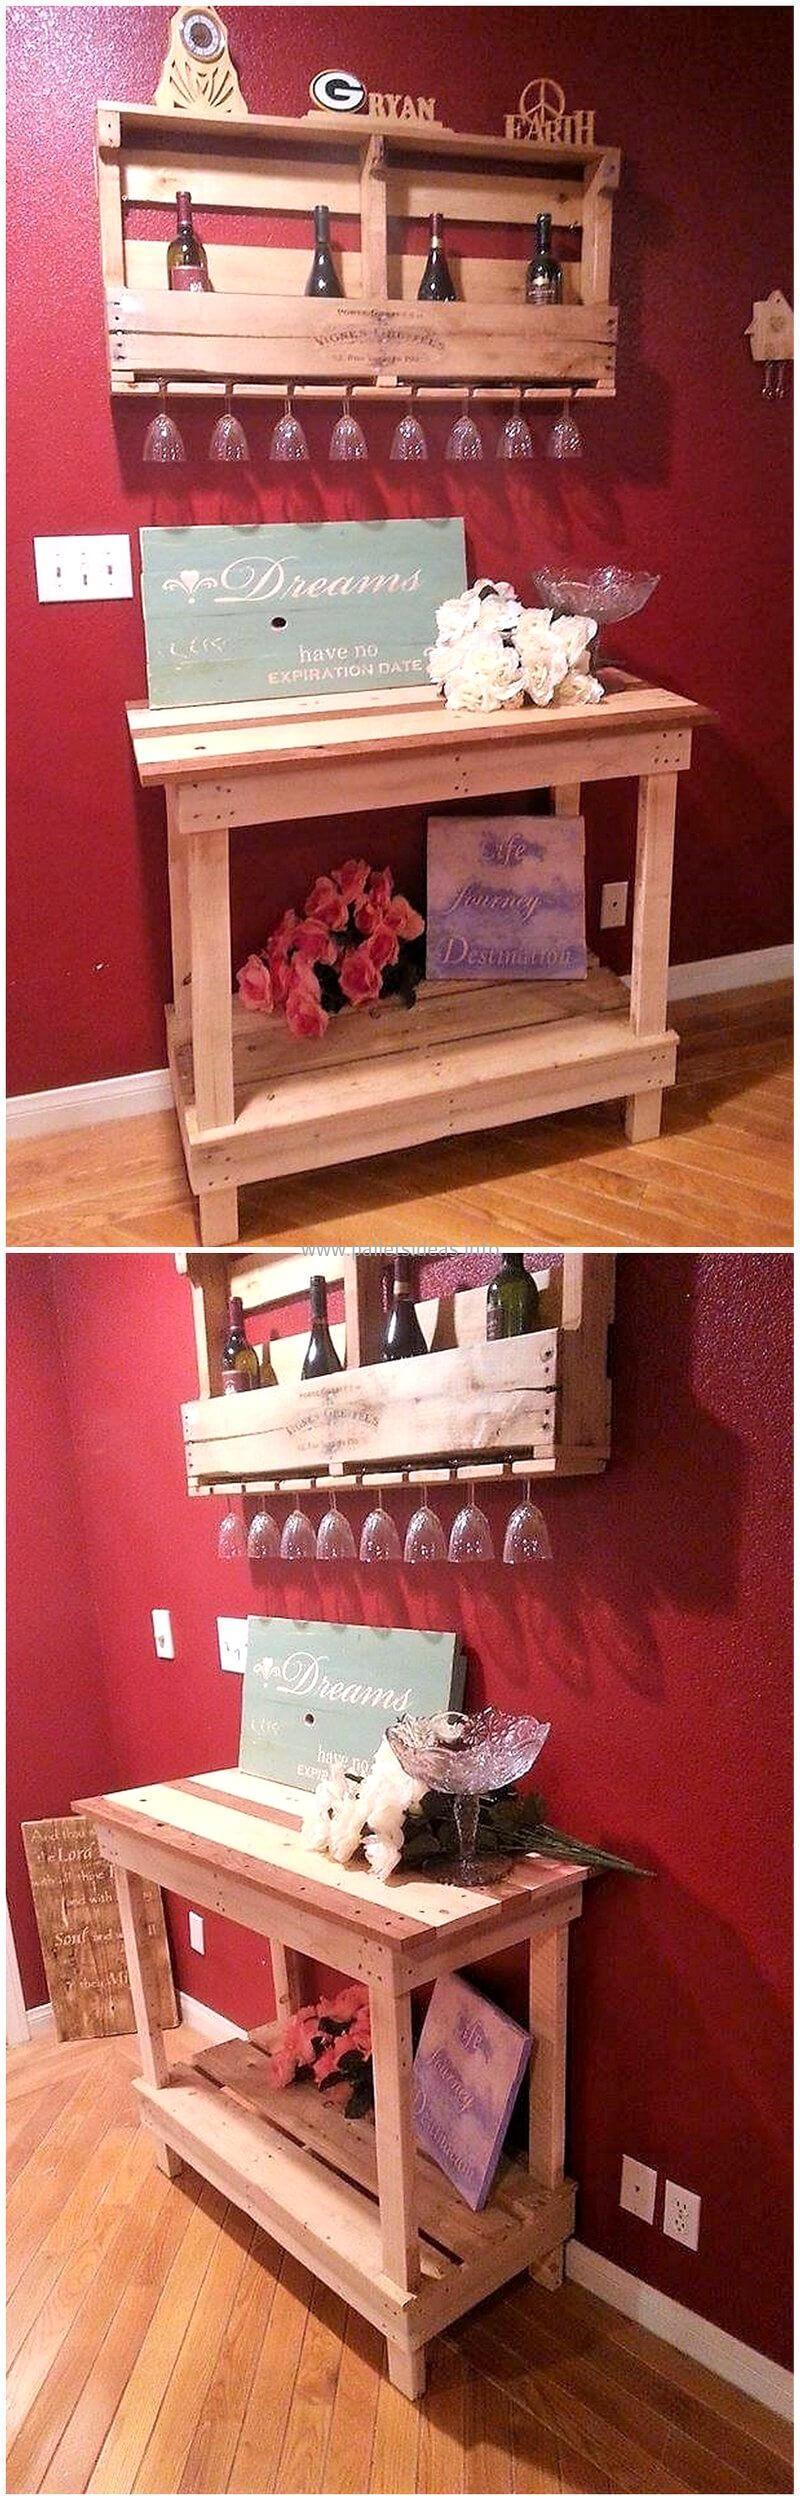 wood pallet bar plan 72